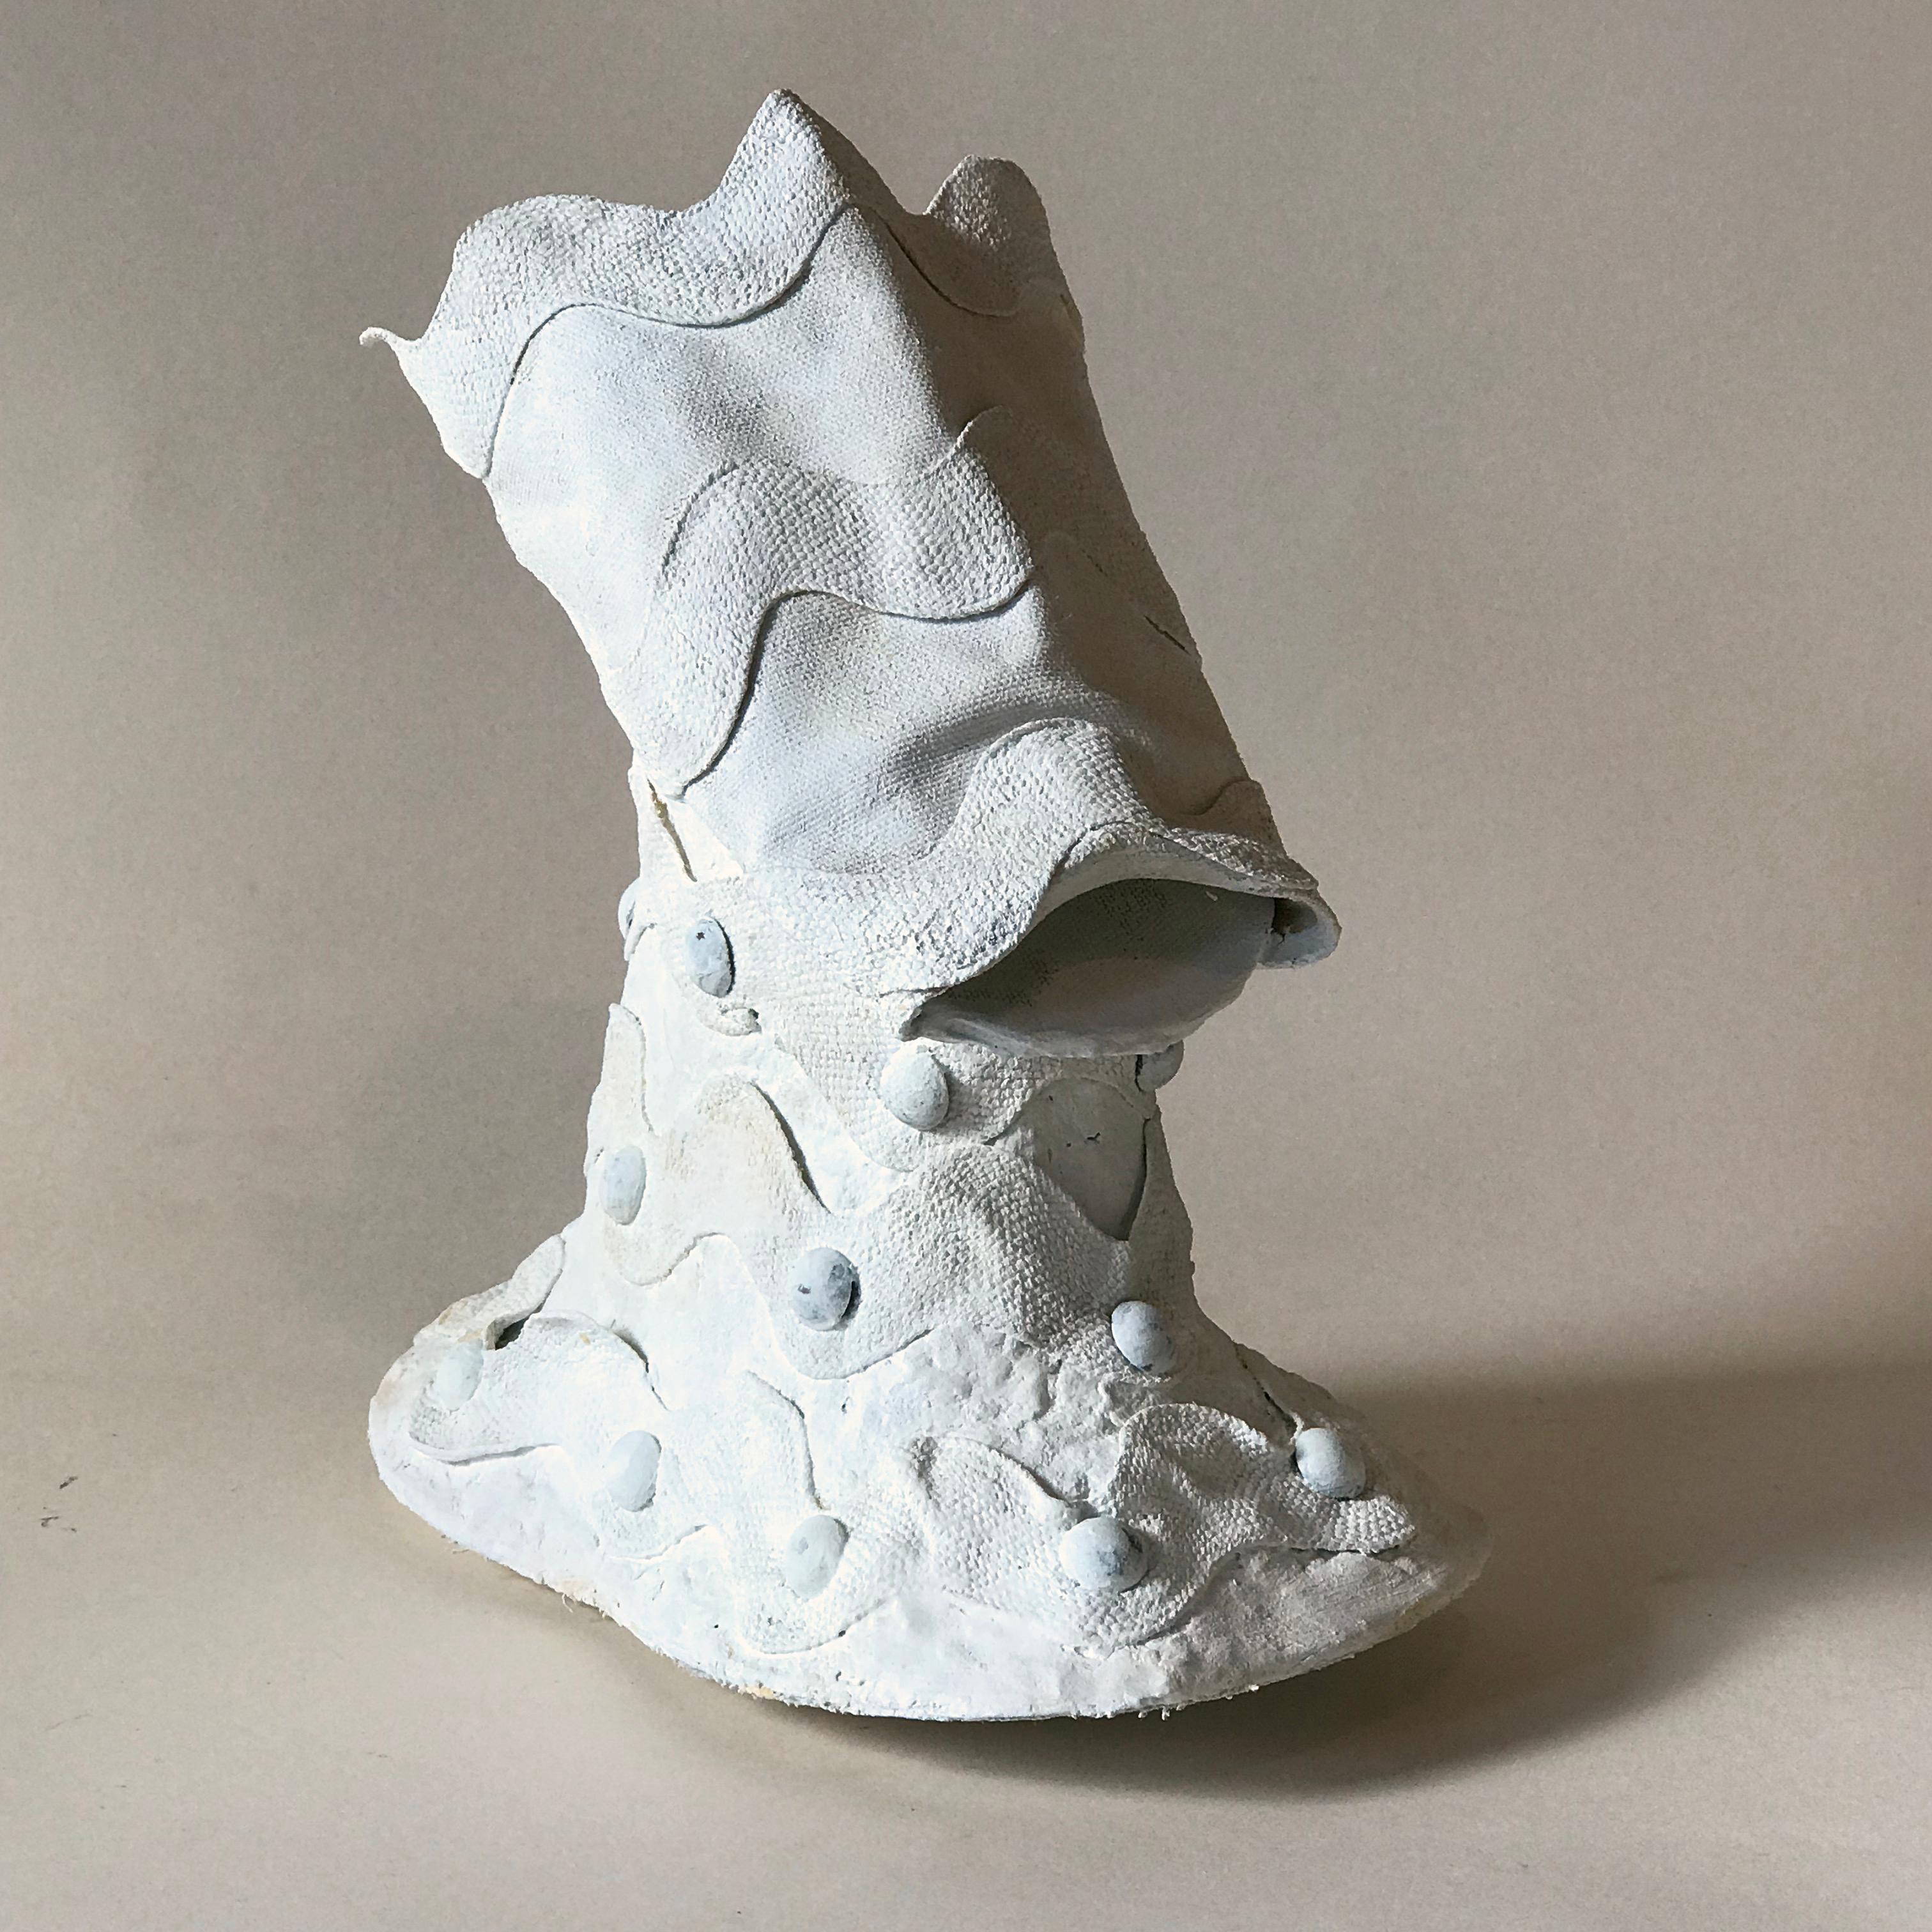 Sculpture Victorian Shoe: 'Chopine III'